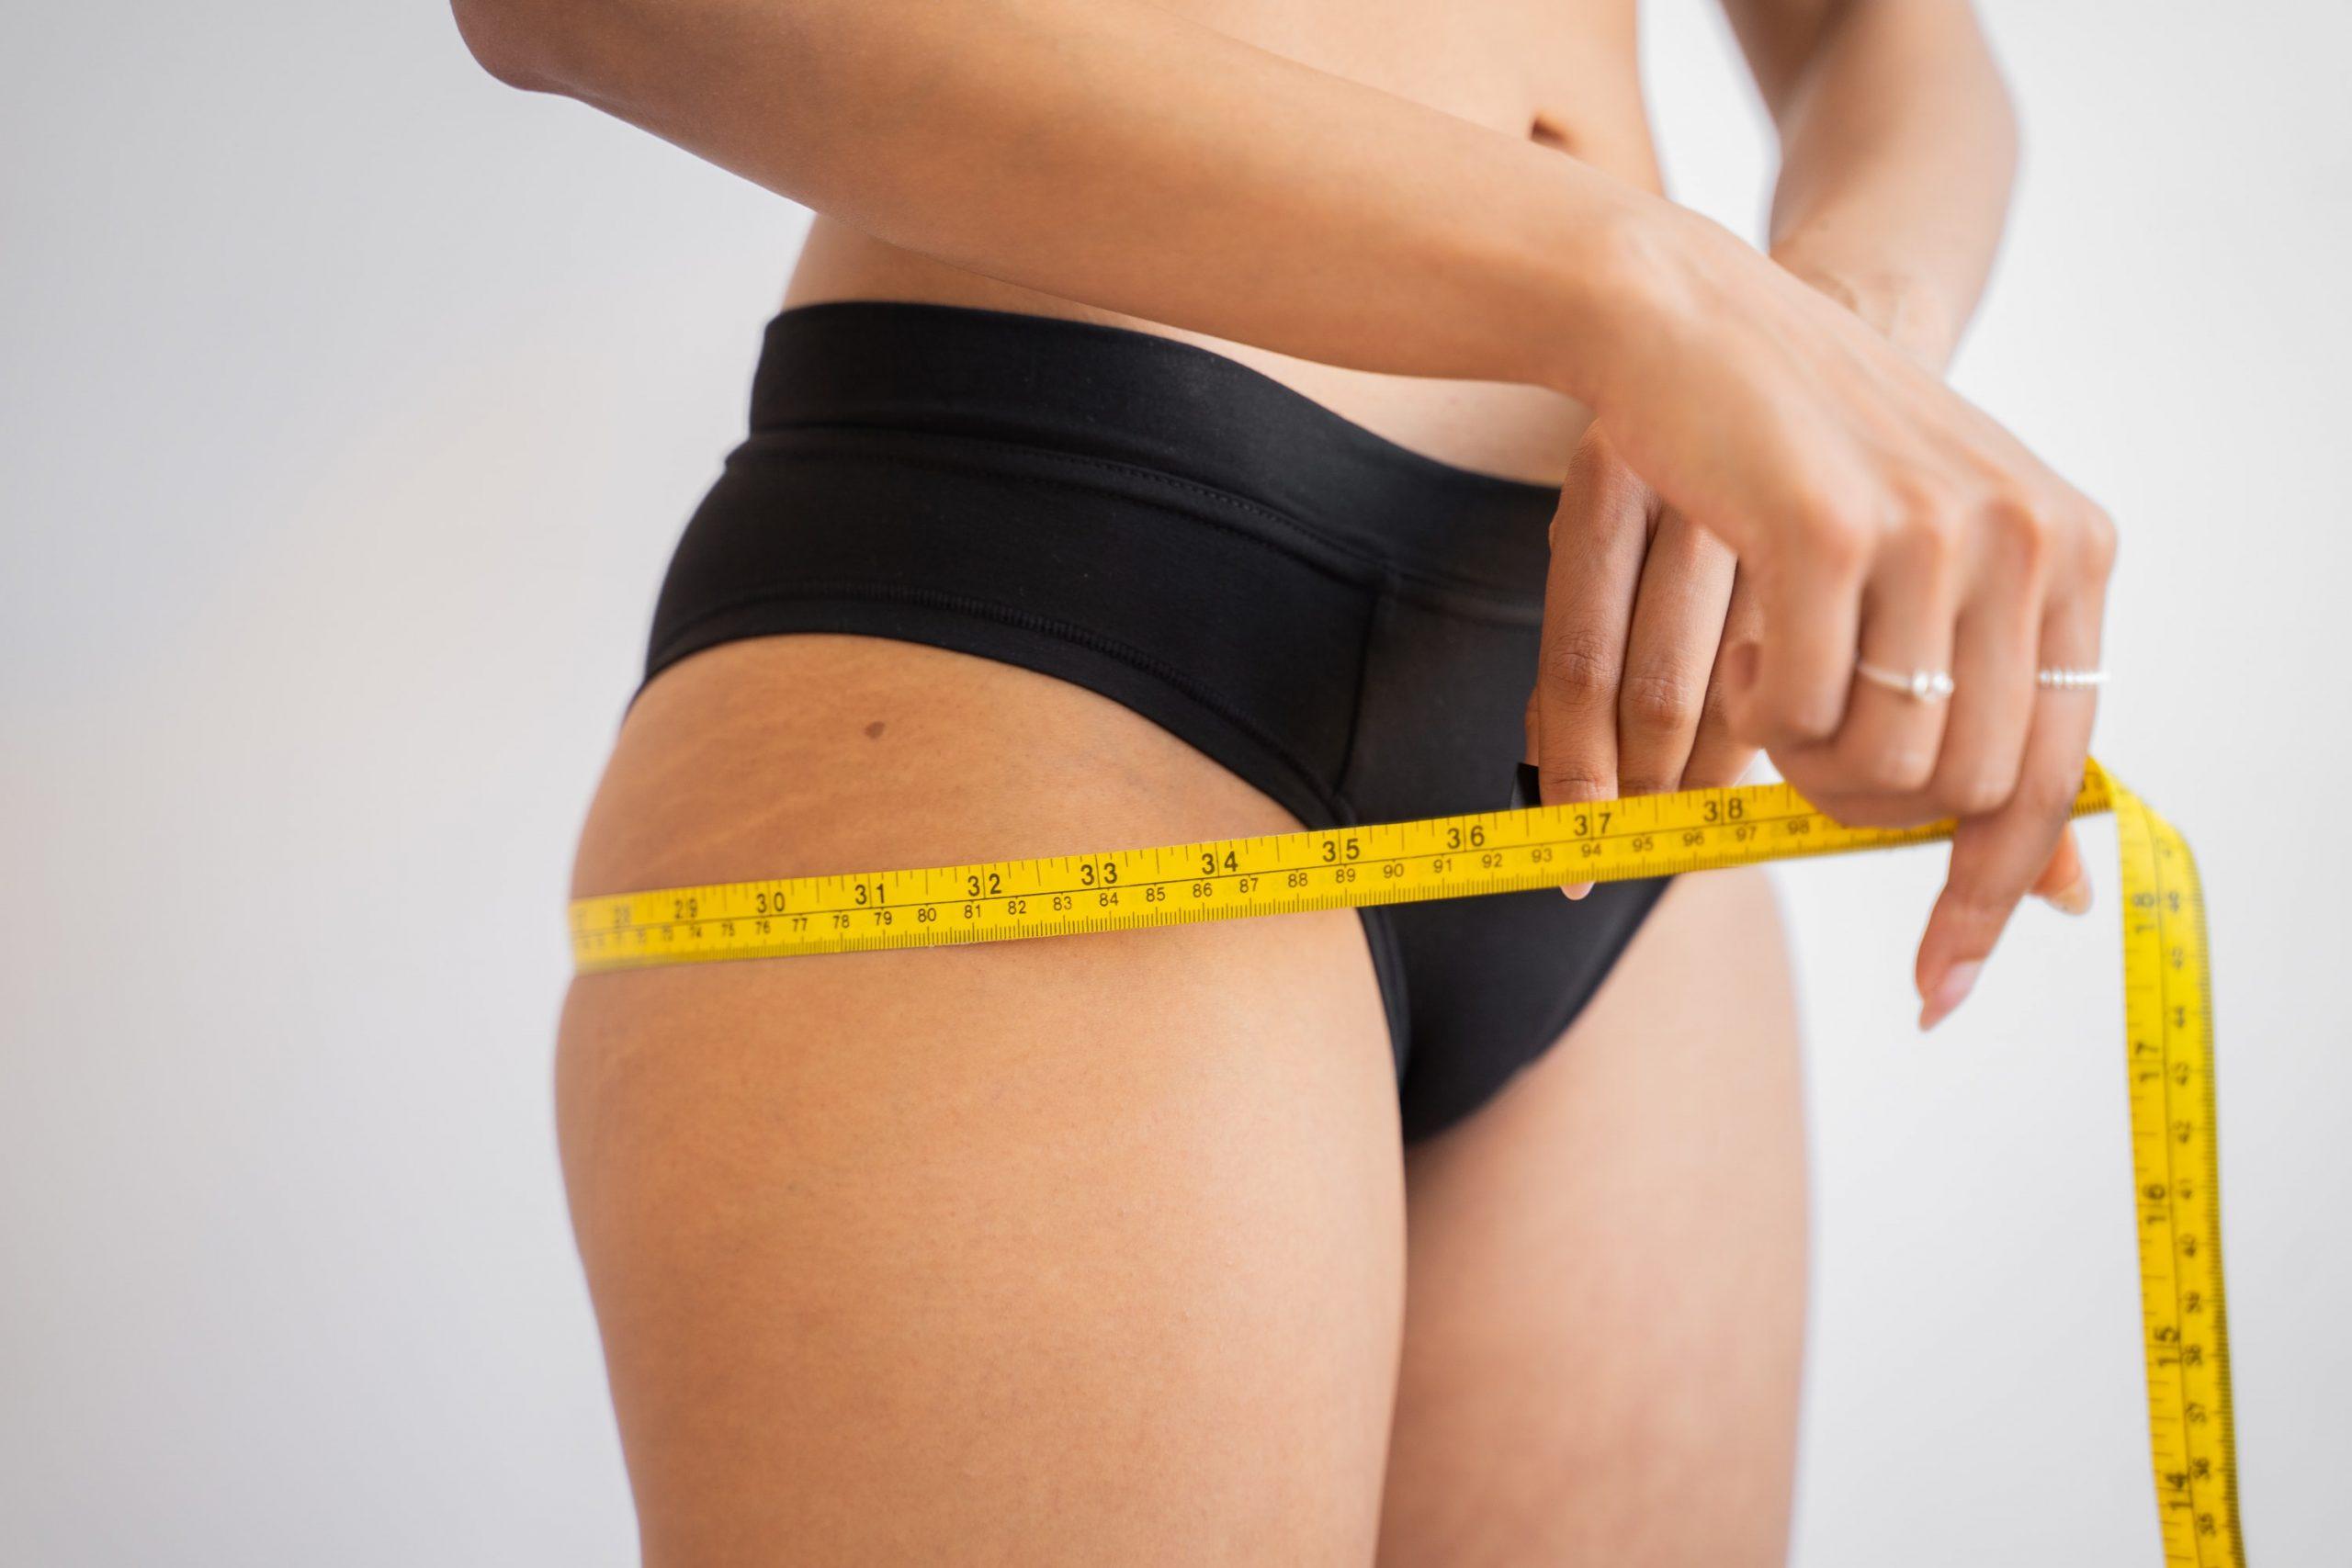 Imagem de uma mulher medindo a circunferência do glúteo.